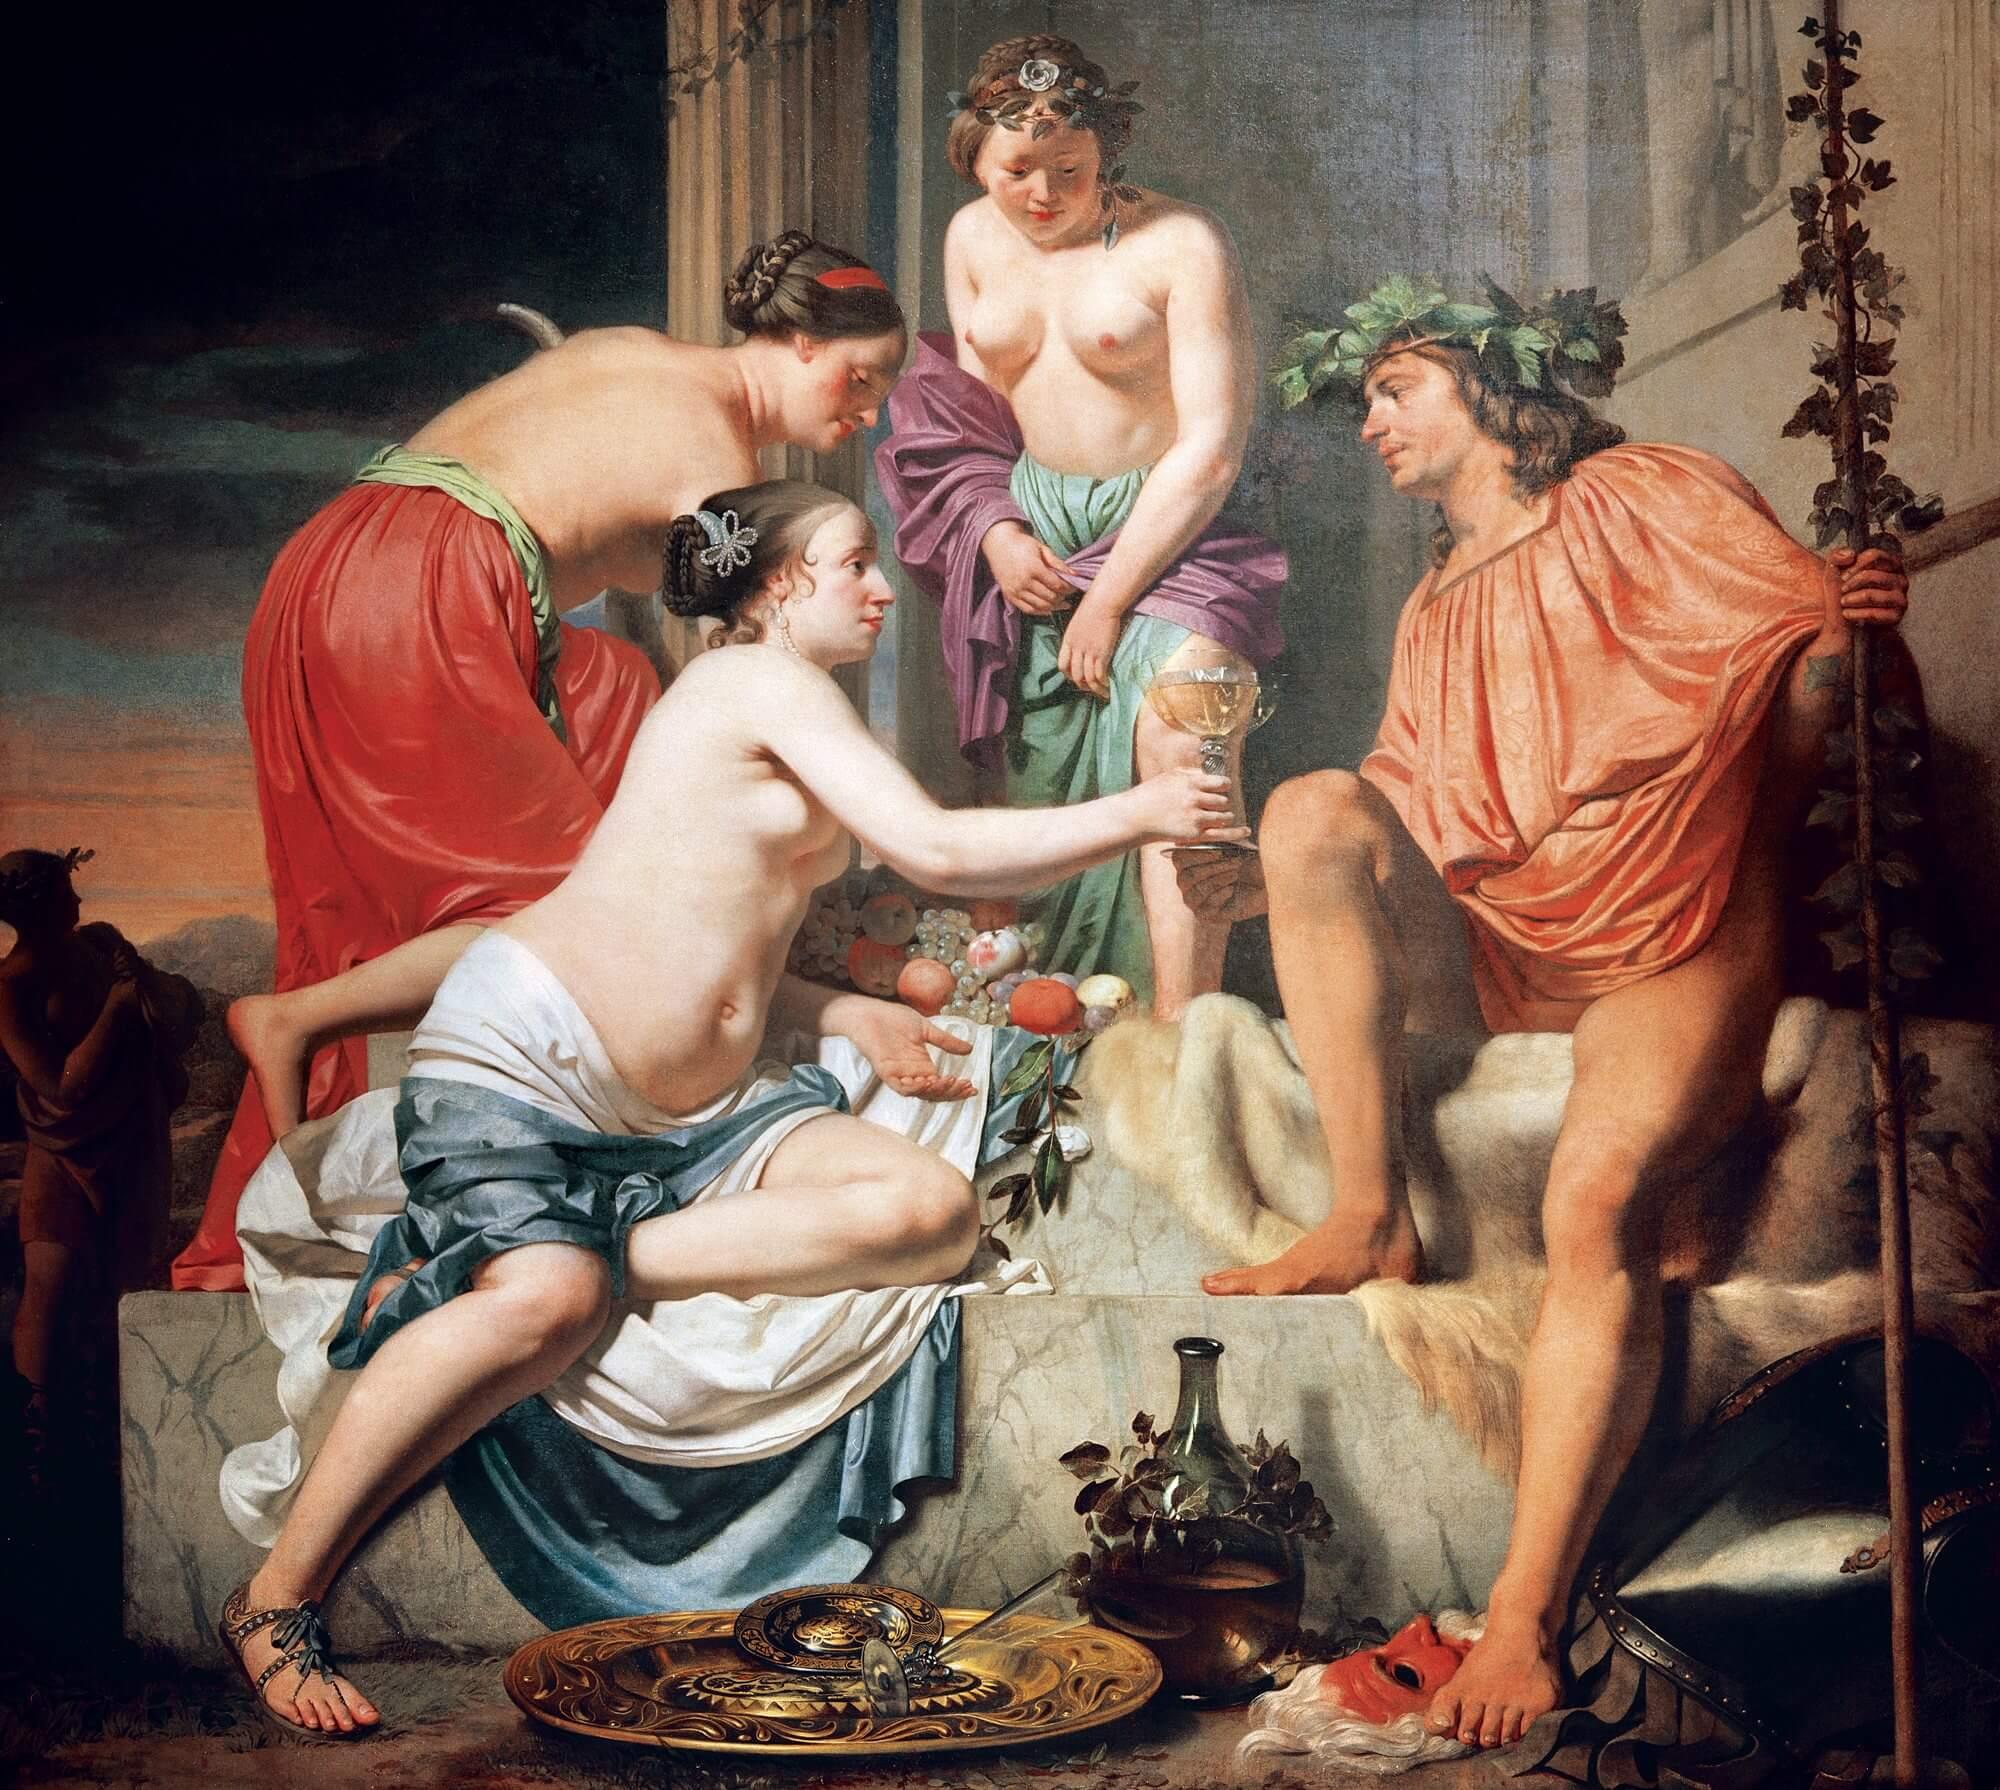 óleo sobre Neron, realizado por Caesar van Boetius.